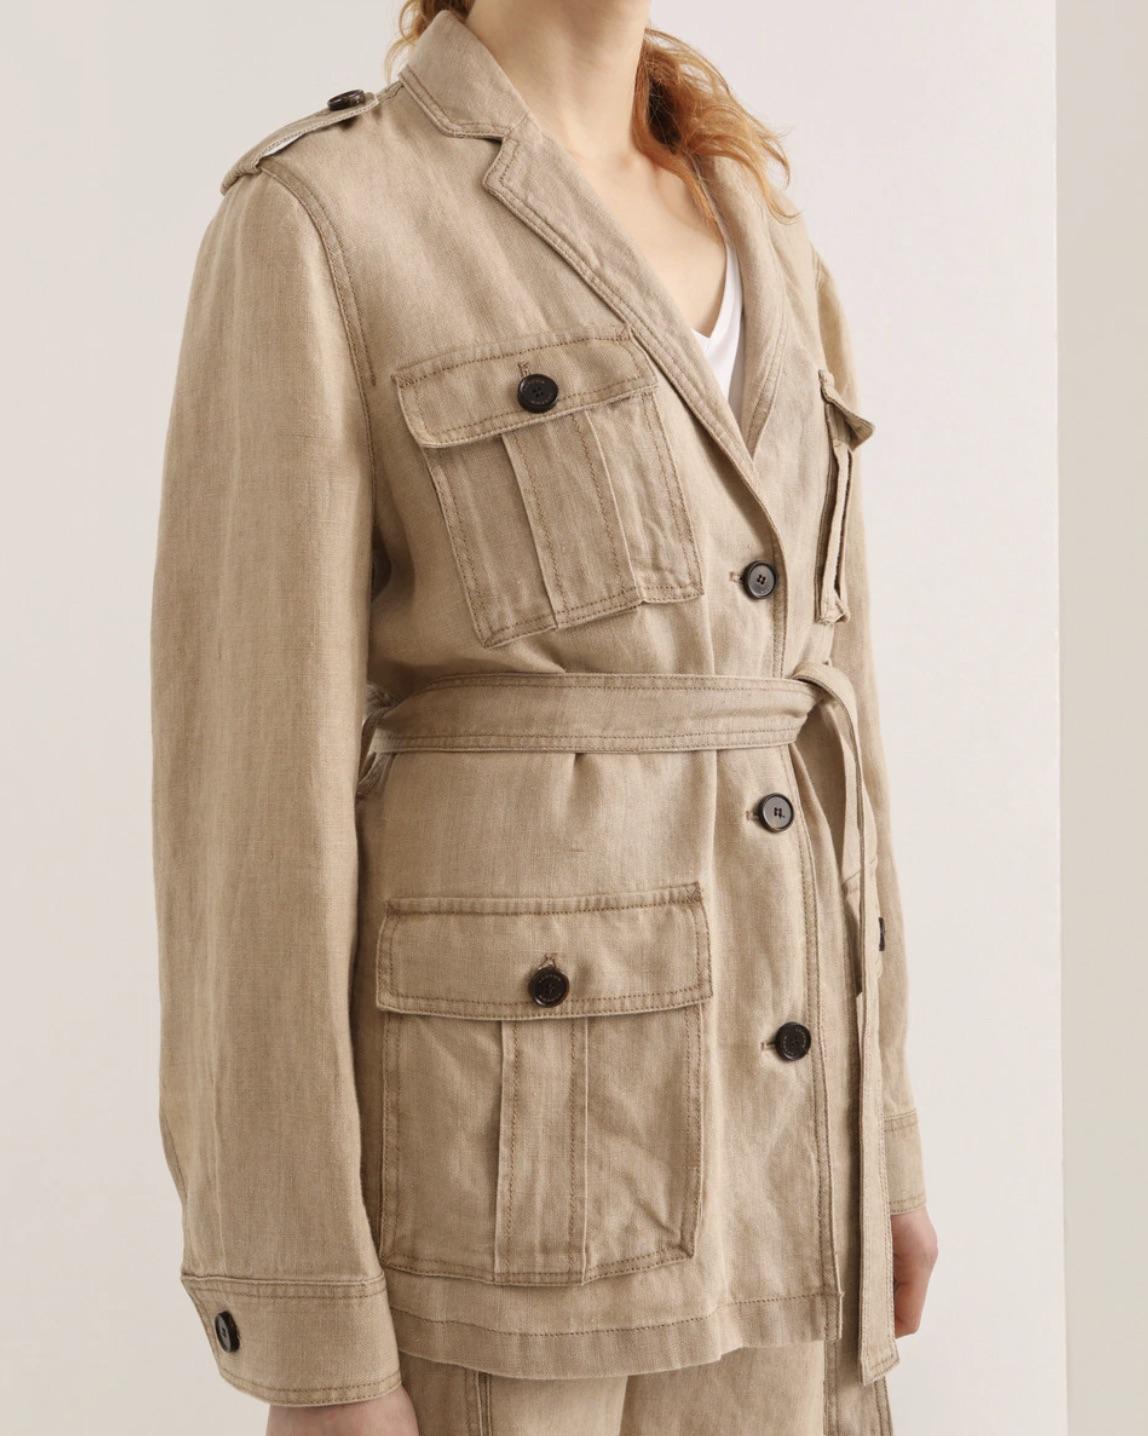 Chaqueta sahariana de lino en color beige. Con cuatro bolsillos y lazada en la cintura.